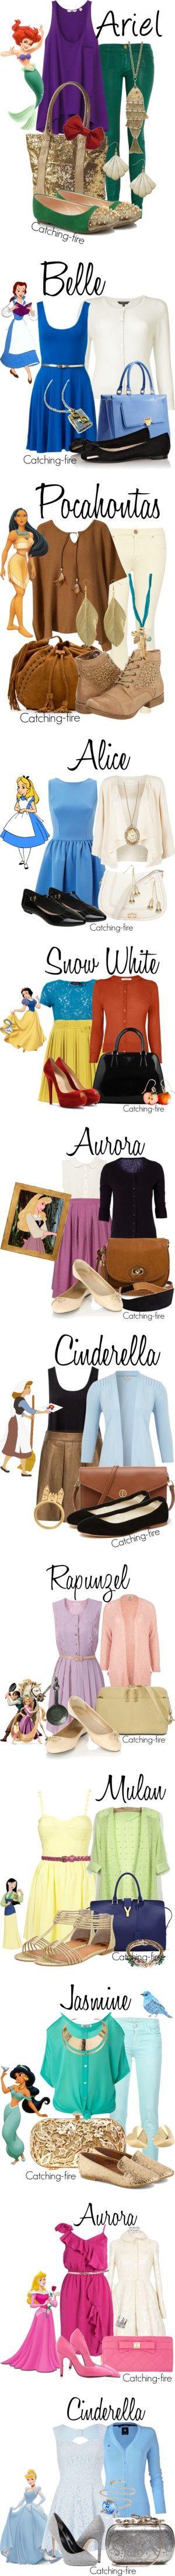 Disney Fashion!!